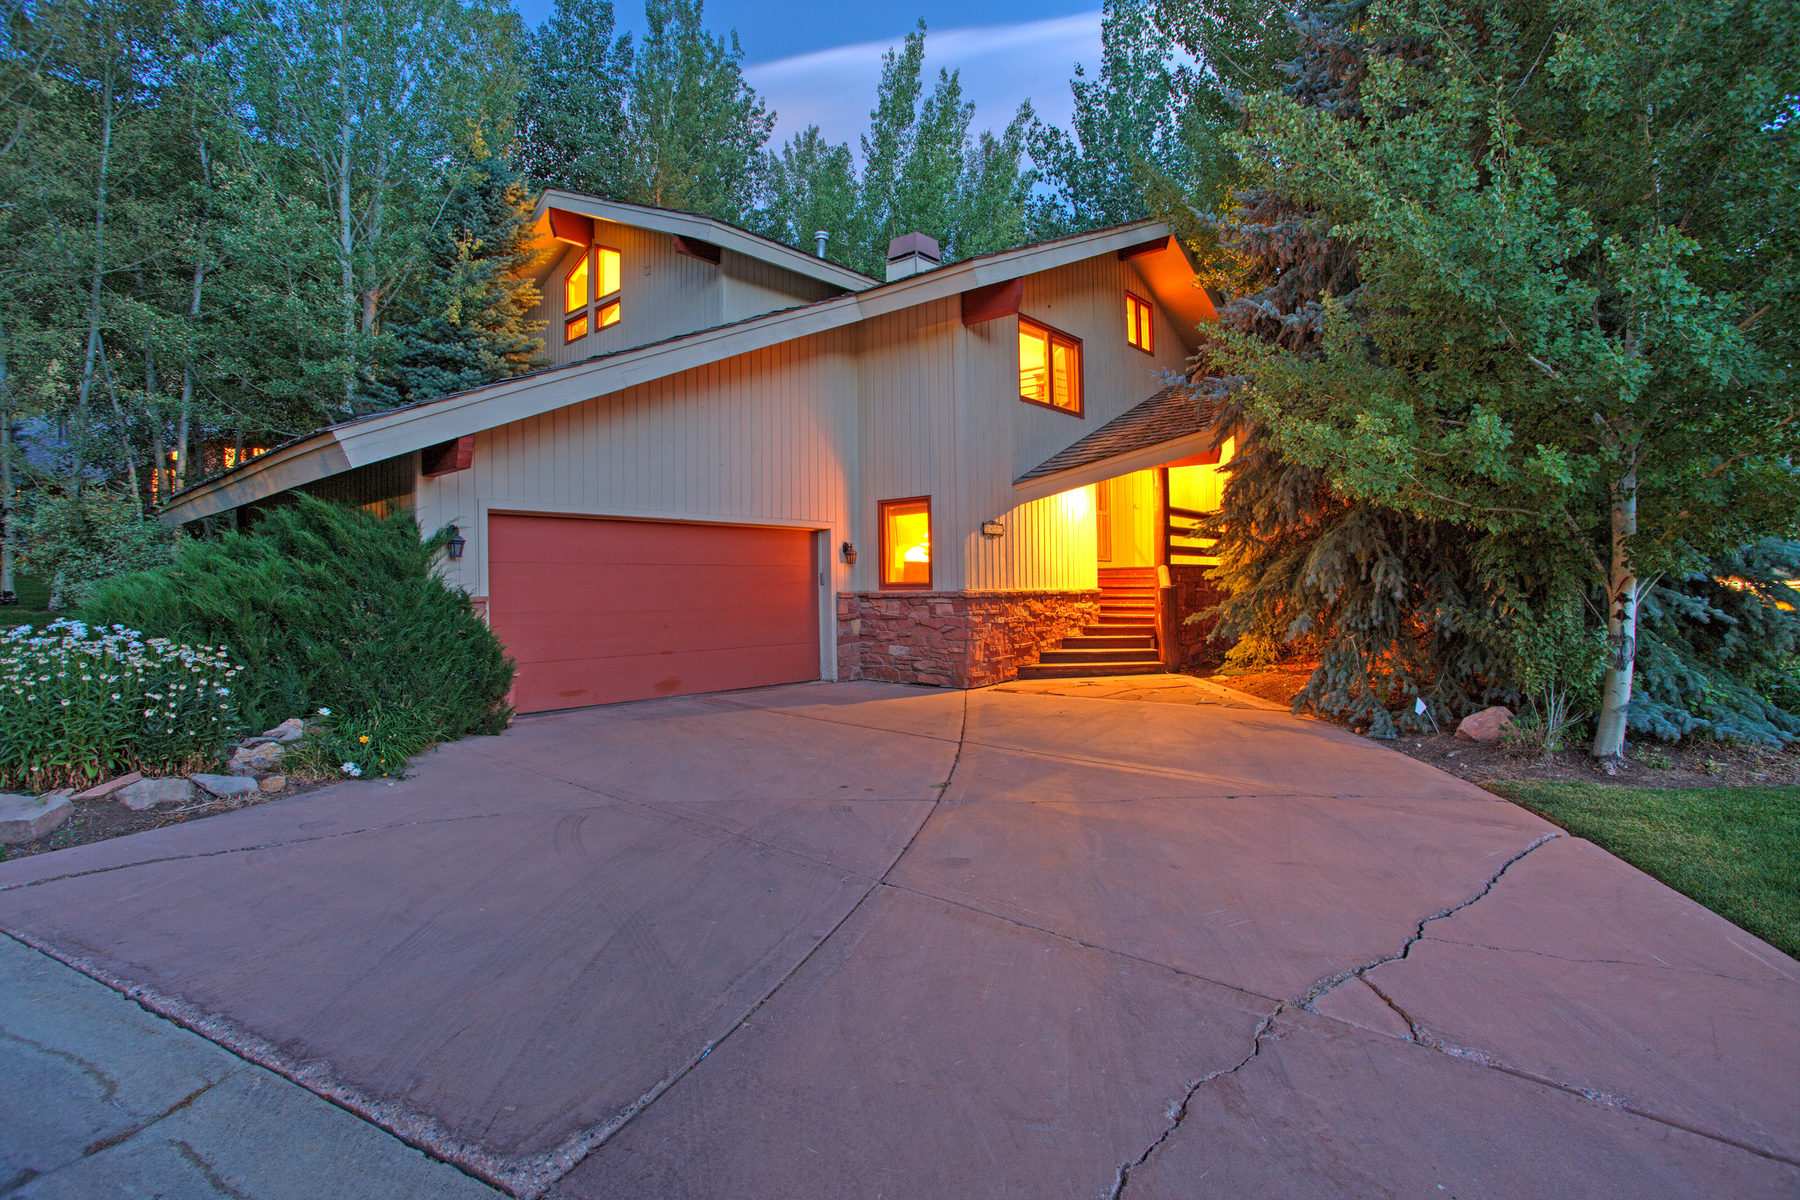 Einfamilienhaus für Verkauf beim Lower Deer Valley In Prime Location 2422 Queen Esther Dr Park City, Utah, 84060 Vereinigte Staaten